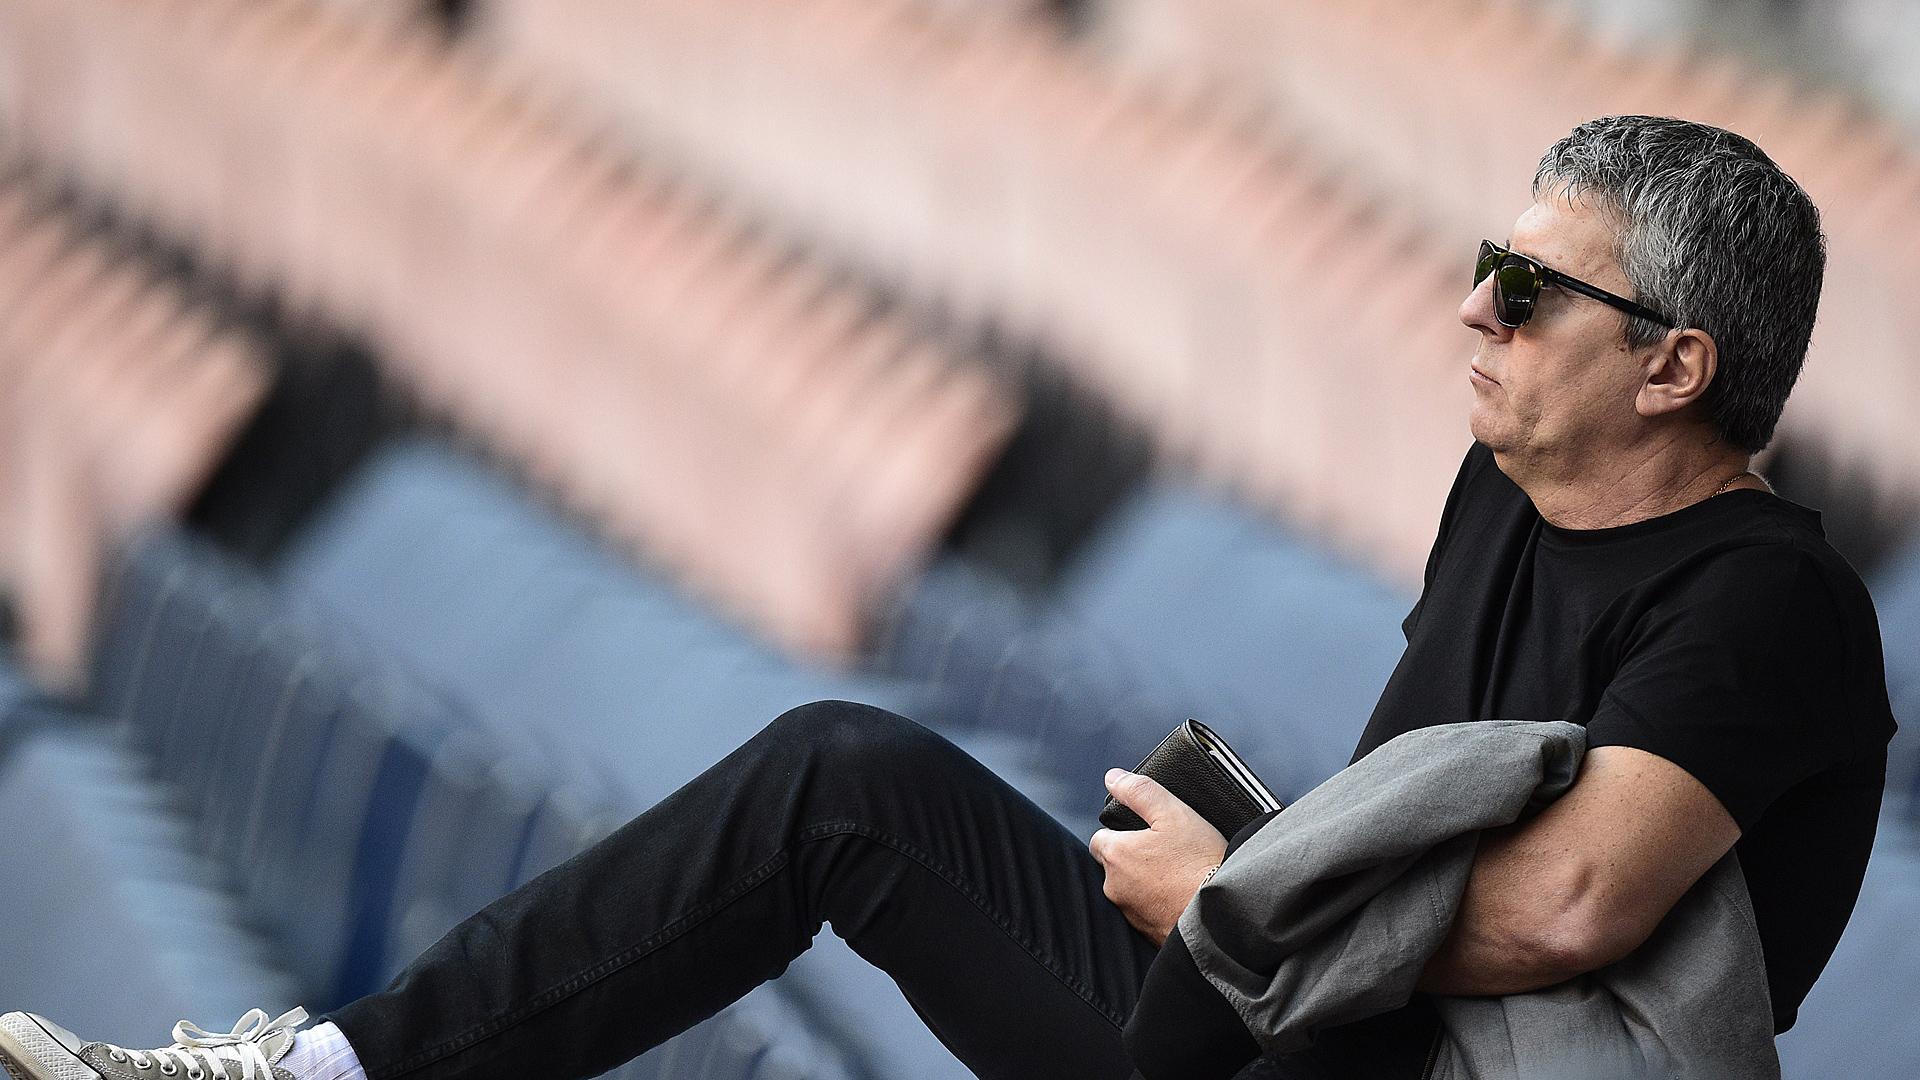 El astro argentino, Lionel Messi, llega 500 goles con la camiseta del